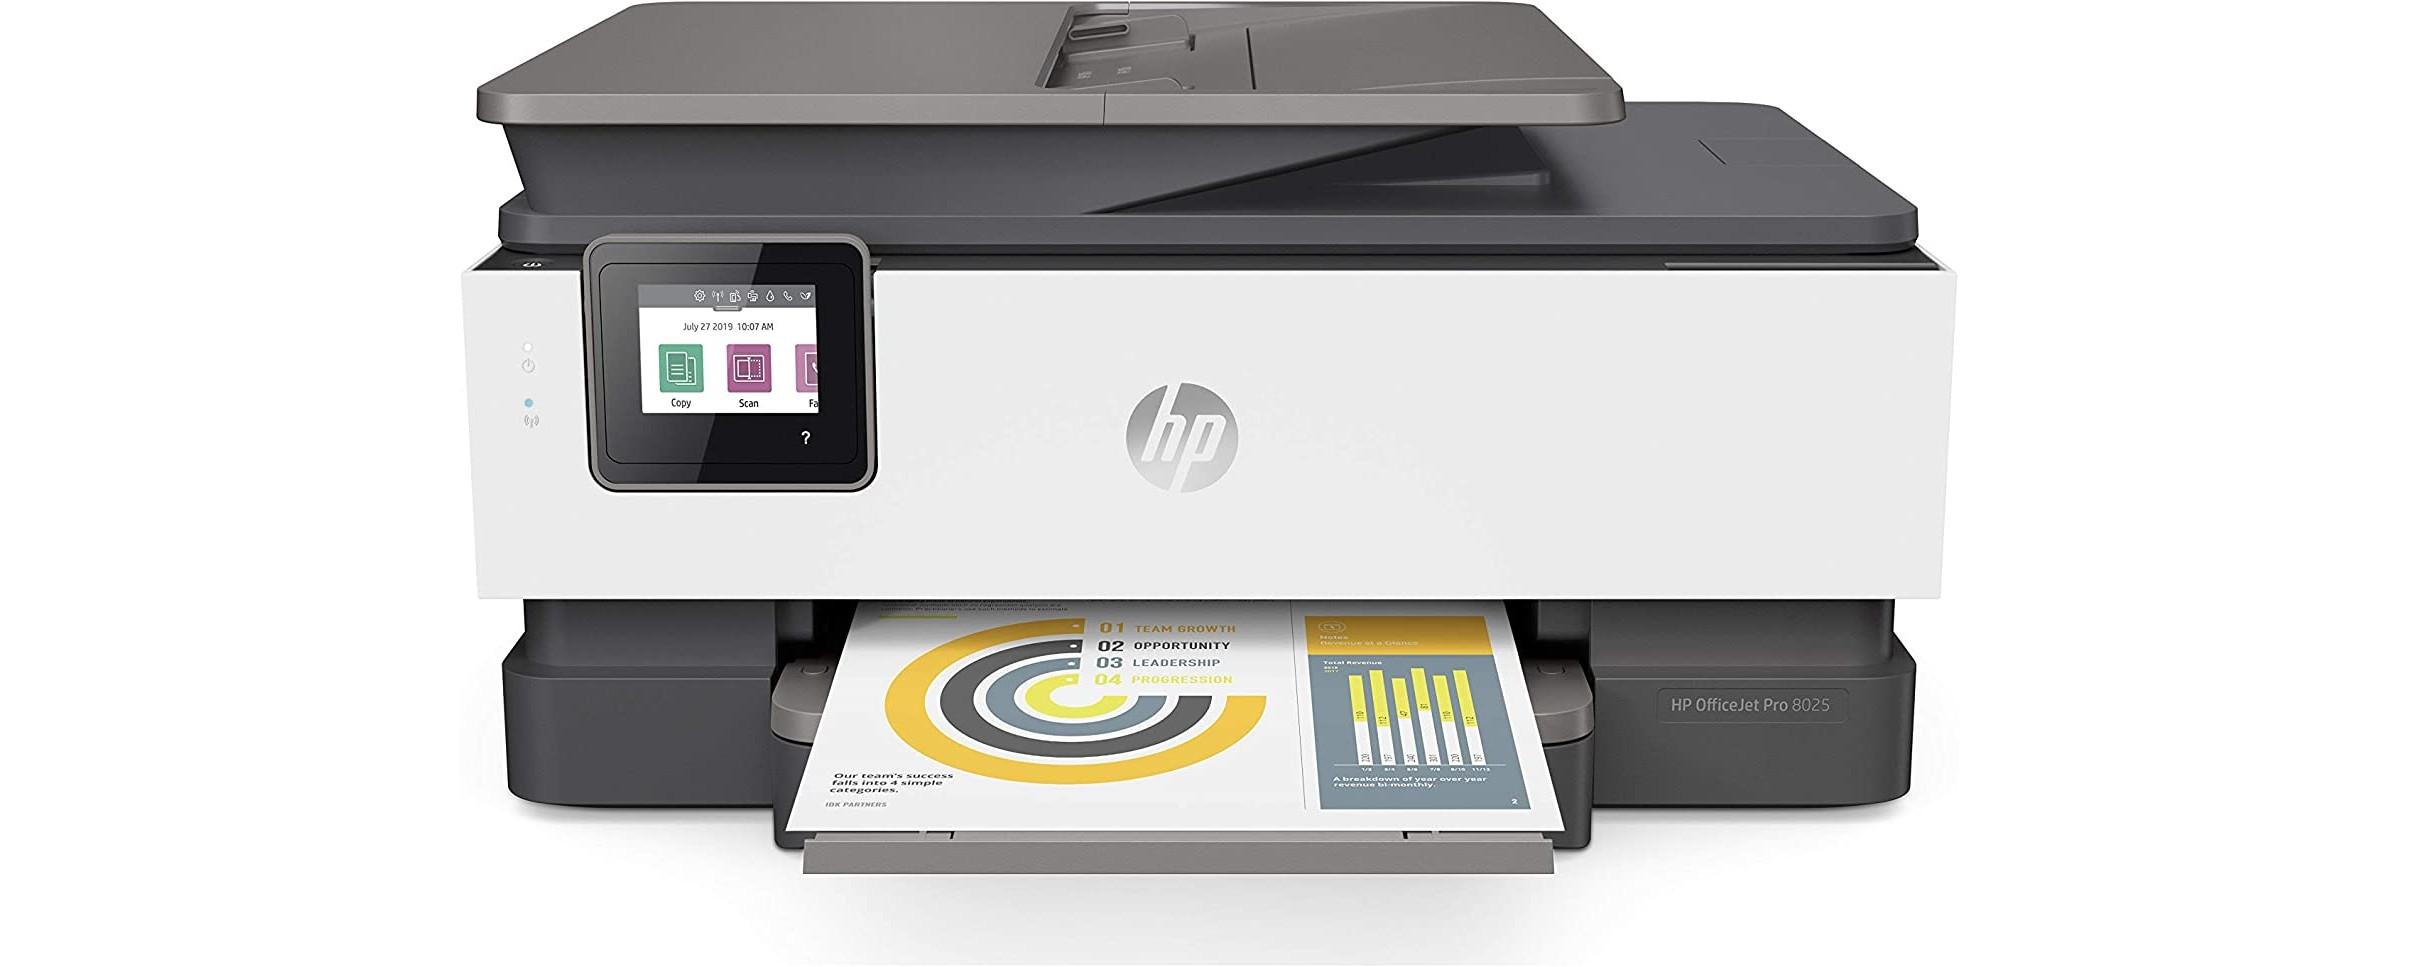 Cartuchos HP OfficeJet Pro 8025